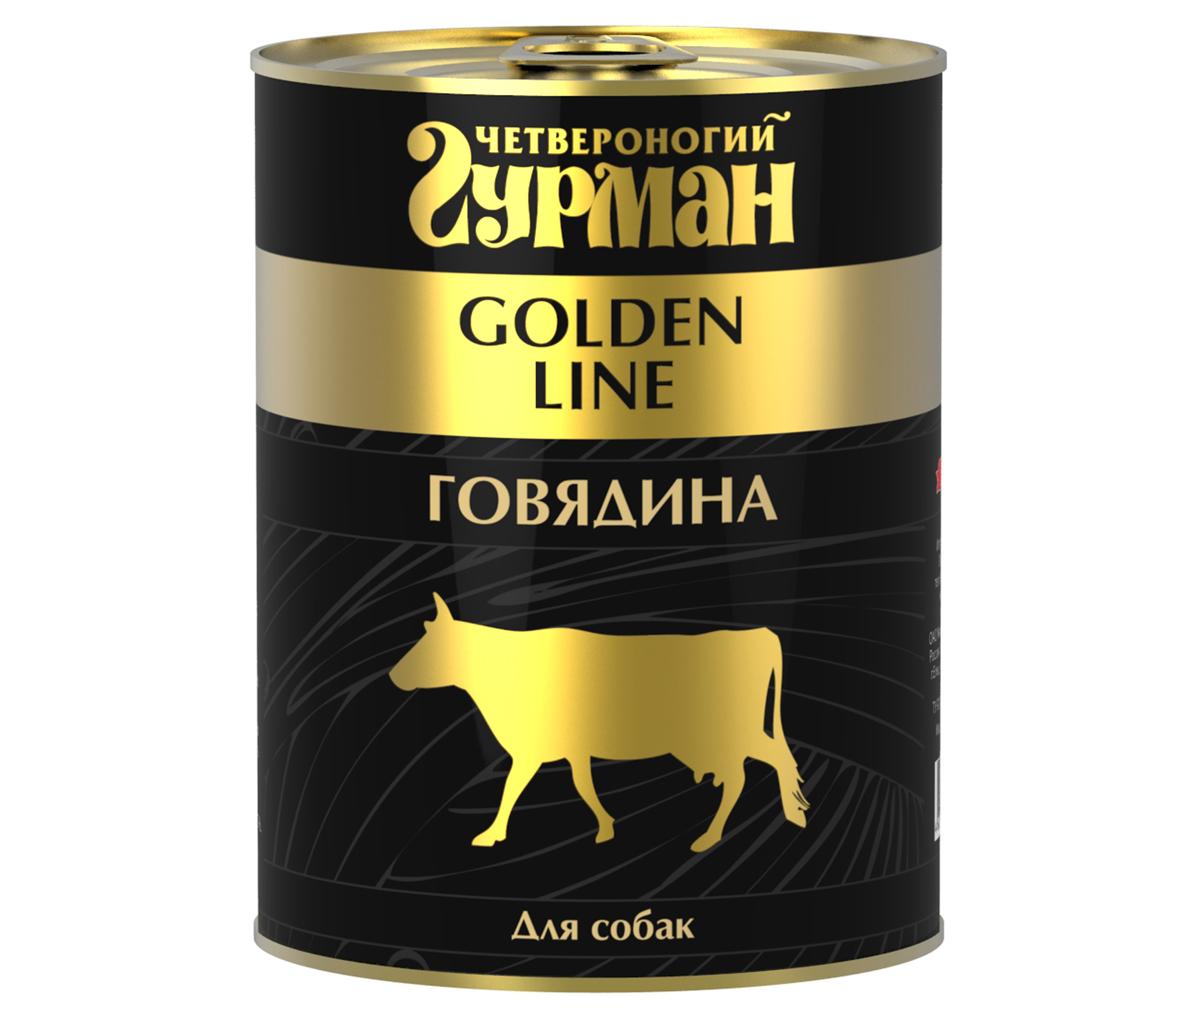 Консервы для собак Четвероногий Гурман, с говядиной, 340 г консервы для собак molina с цыпленком и говядиной в желе 85 г